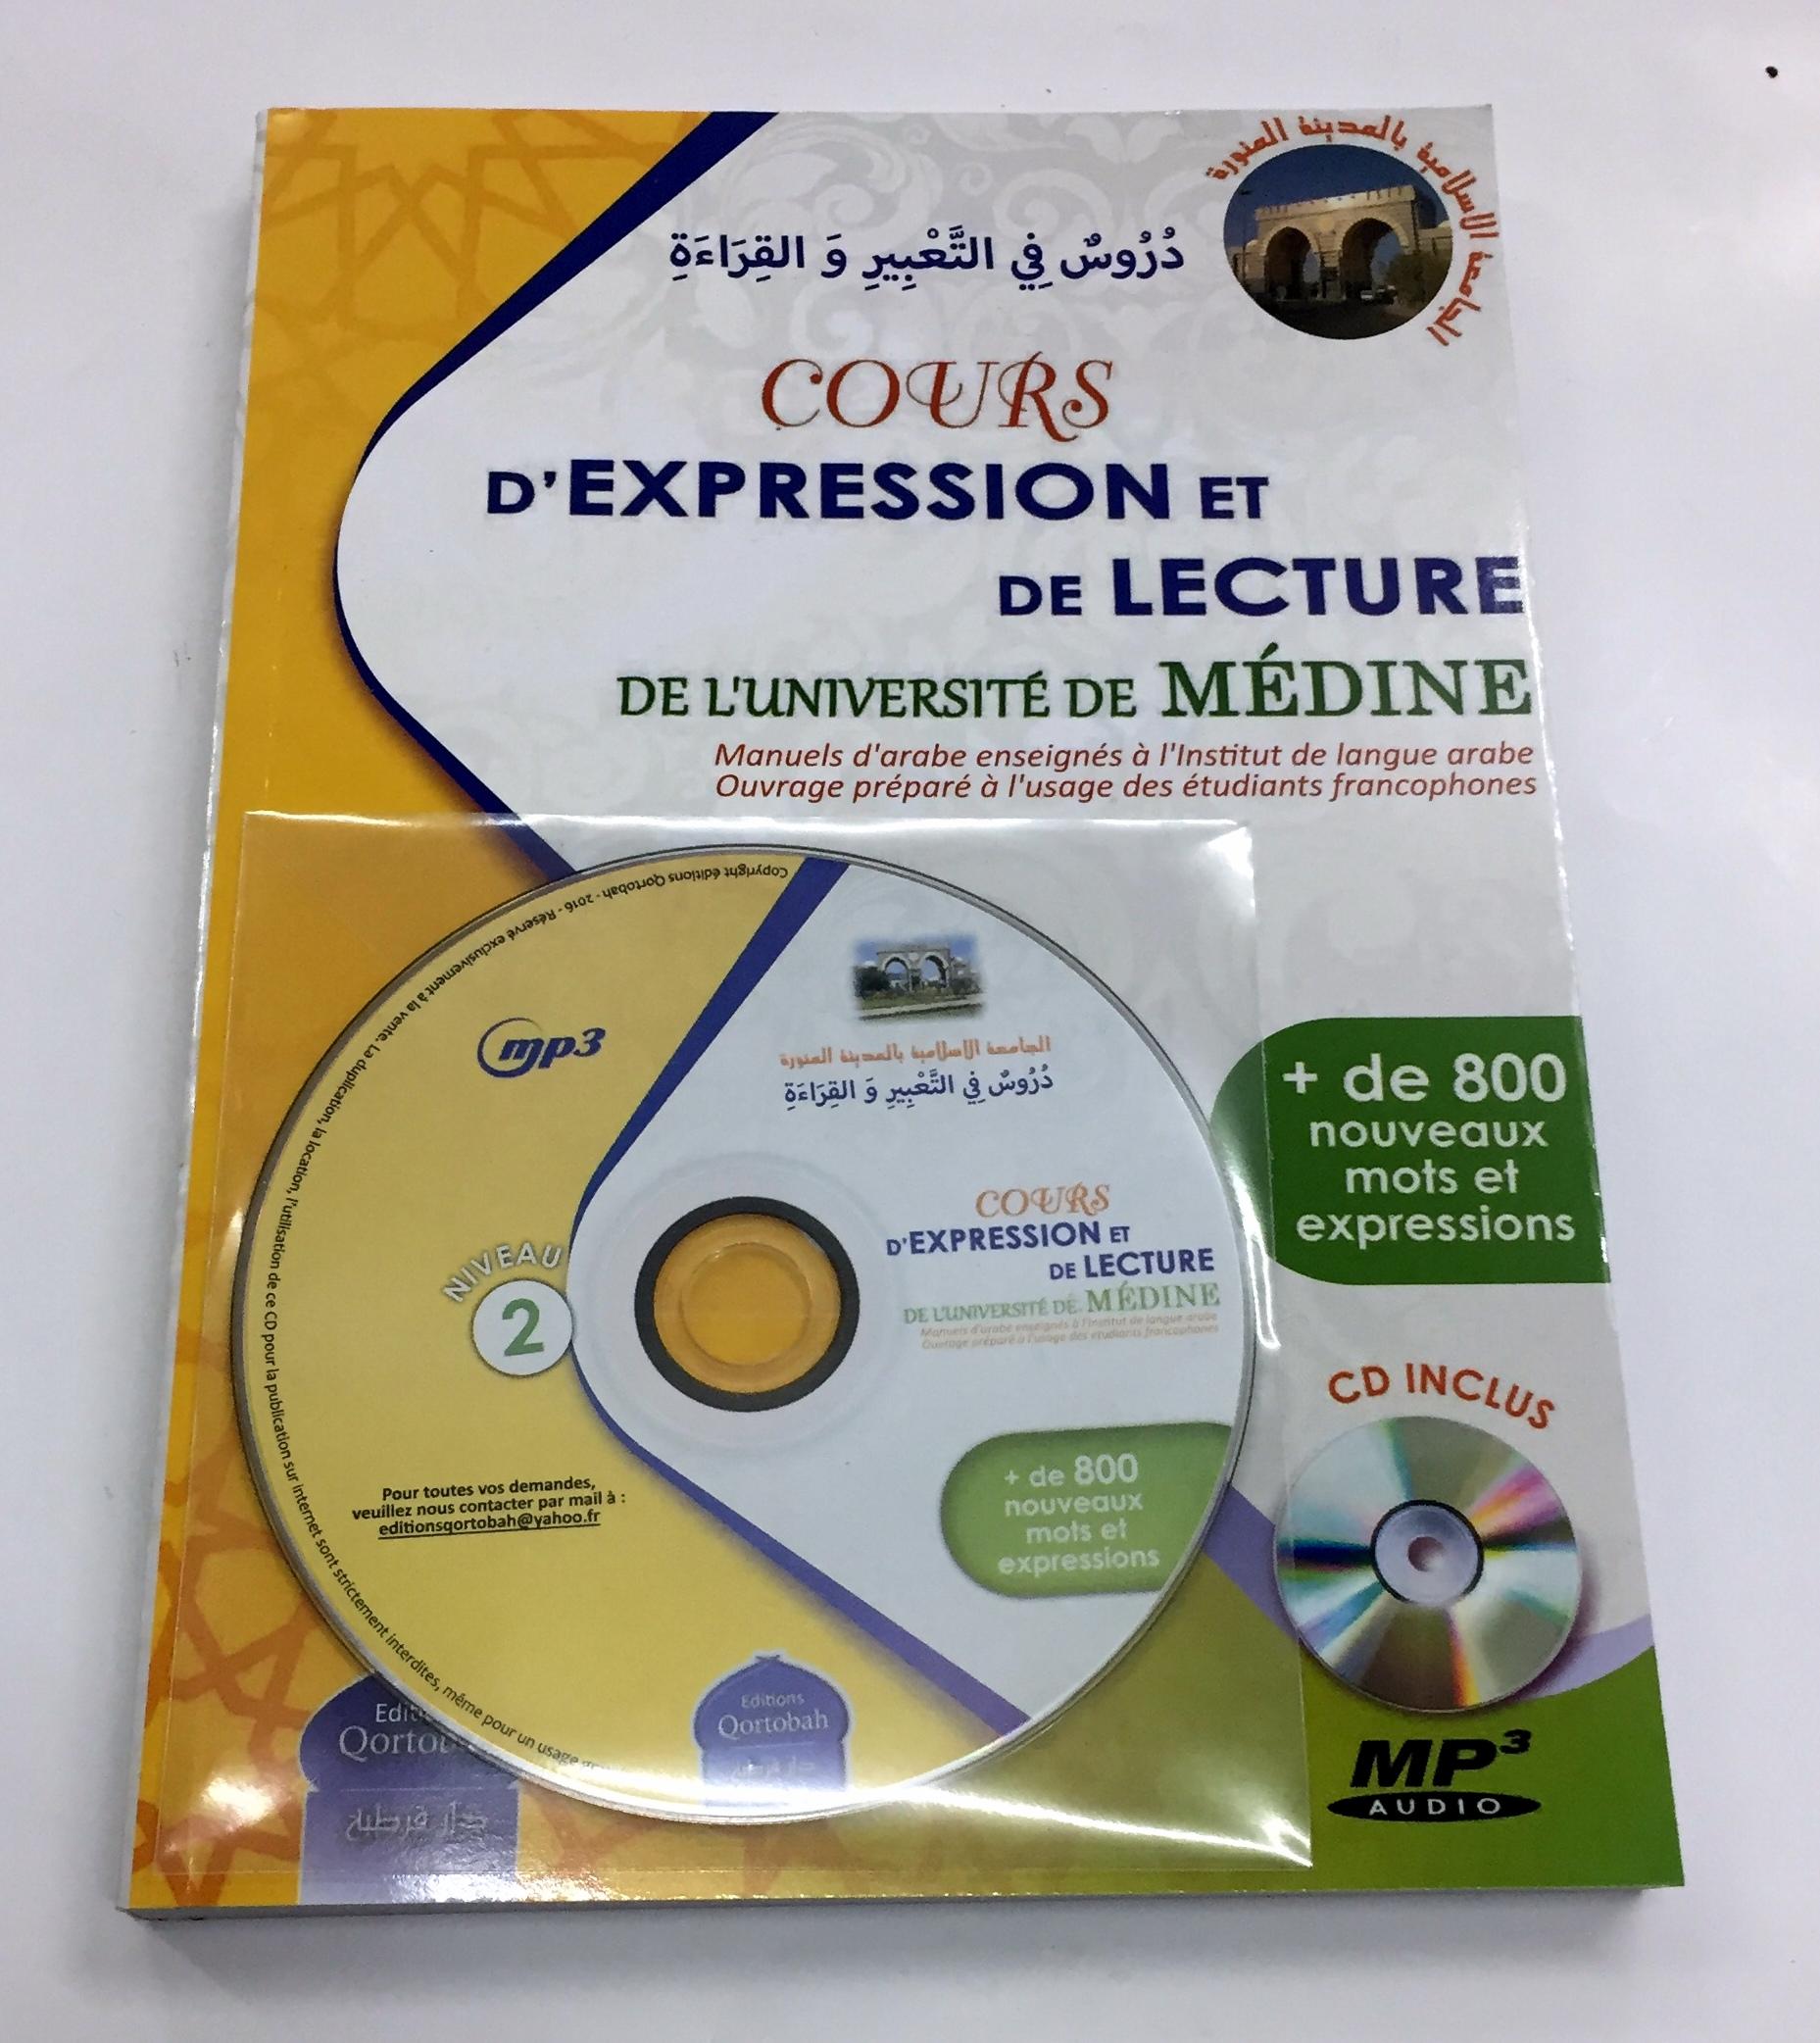 Cours d Expression et de Lecture de l Université de Medine CD Inclus Niv 2 Edition Qortobah Librairie Musulmane Al Hidayah